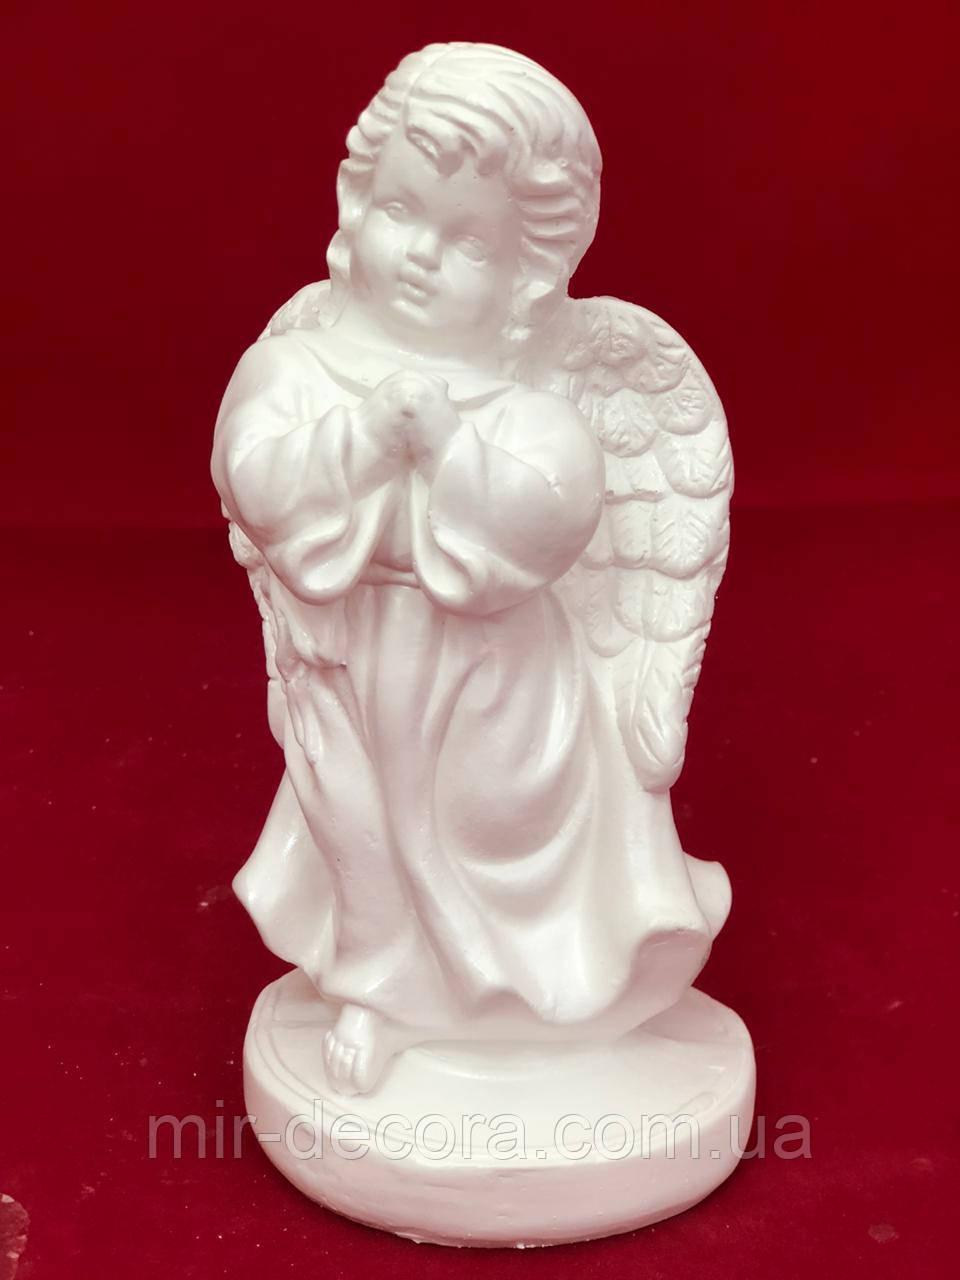 Красива статуетка ангела Ангеліна, білий, 23 см